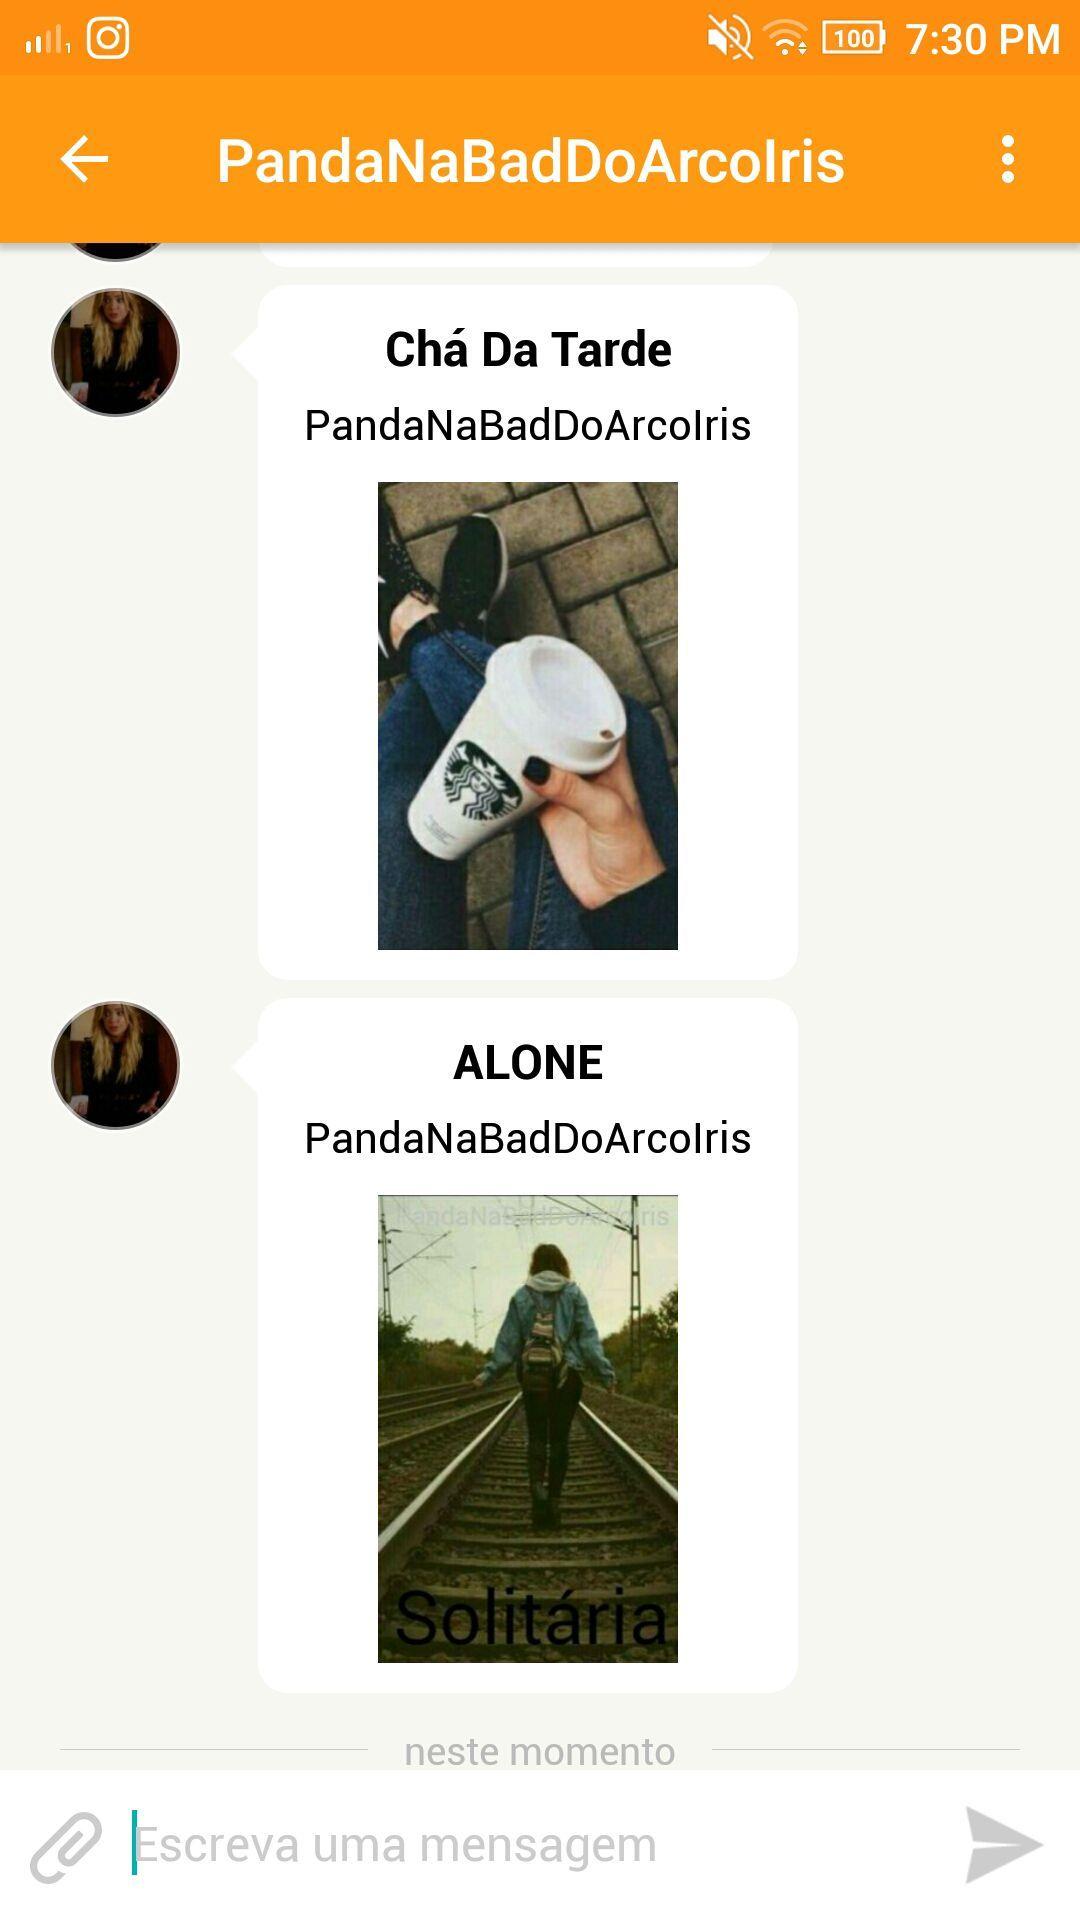 Os livros da PandaNaBadDoArcoIris